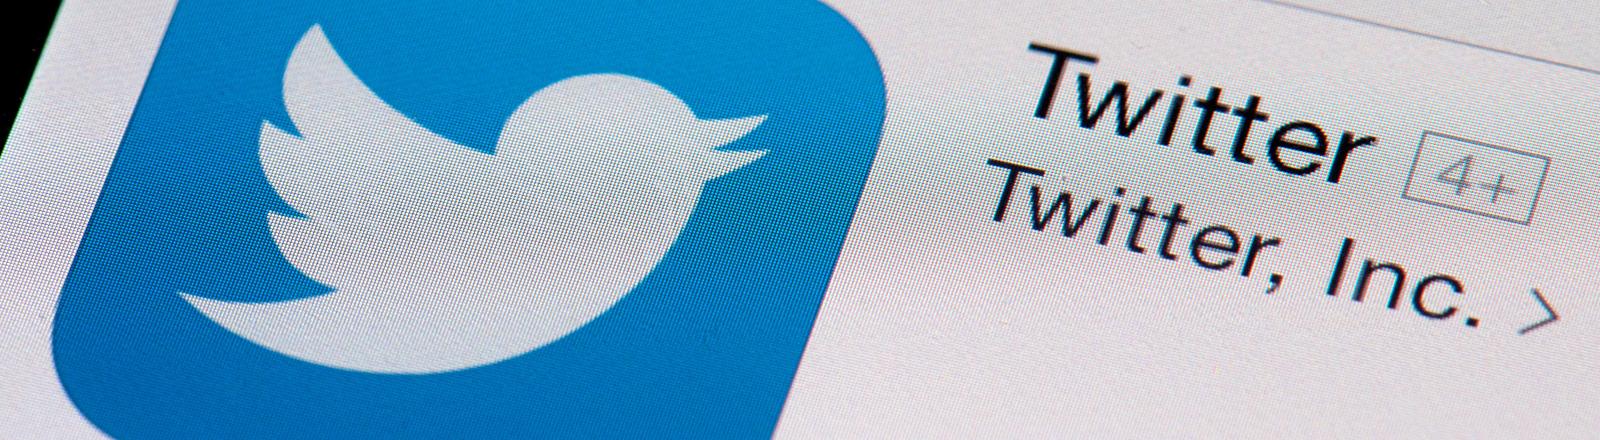 Das Logo von Twitter auf einem Smartphone.